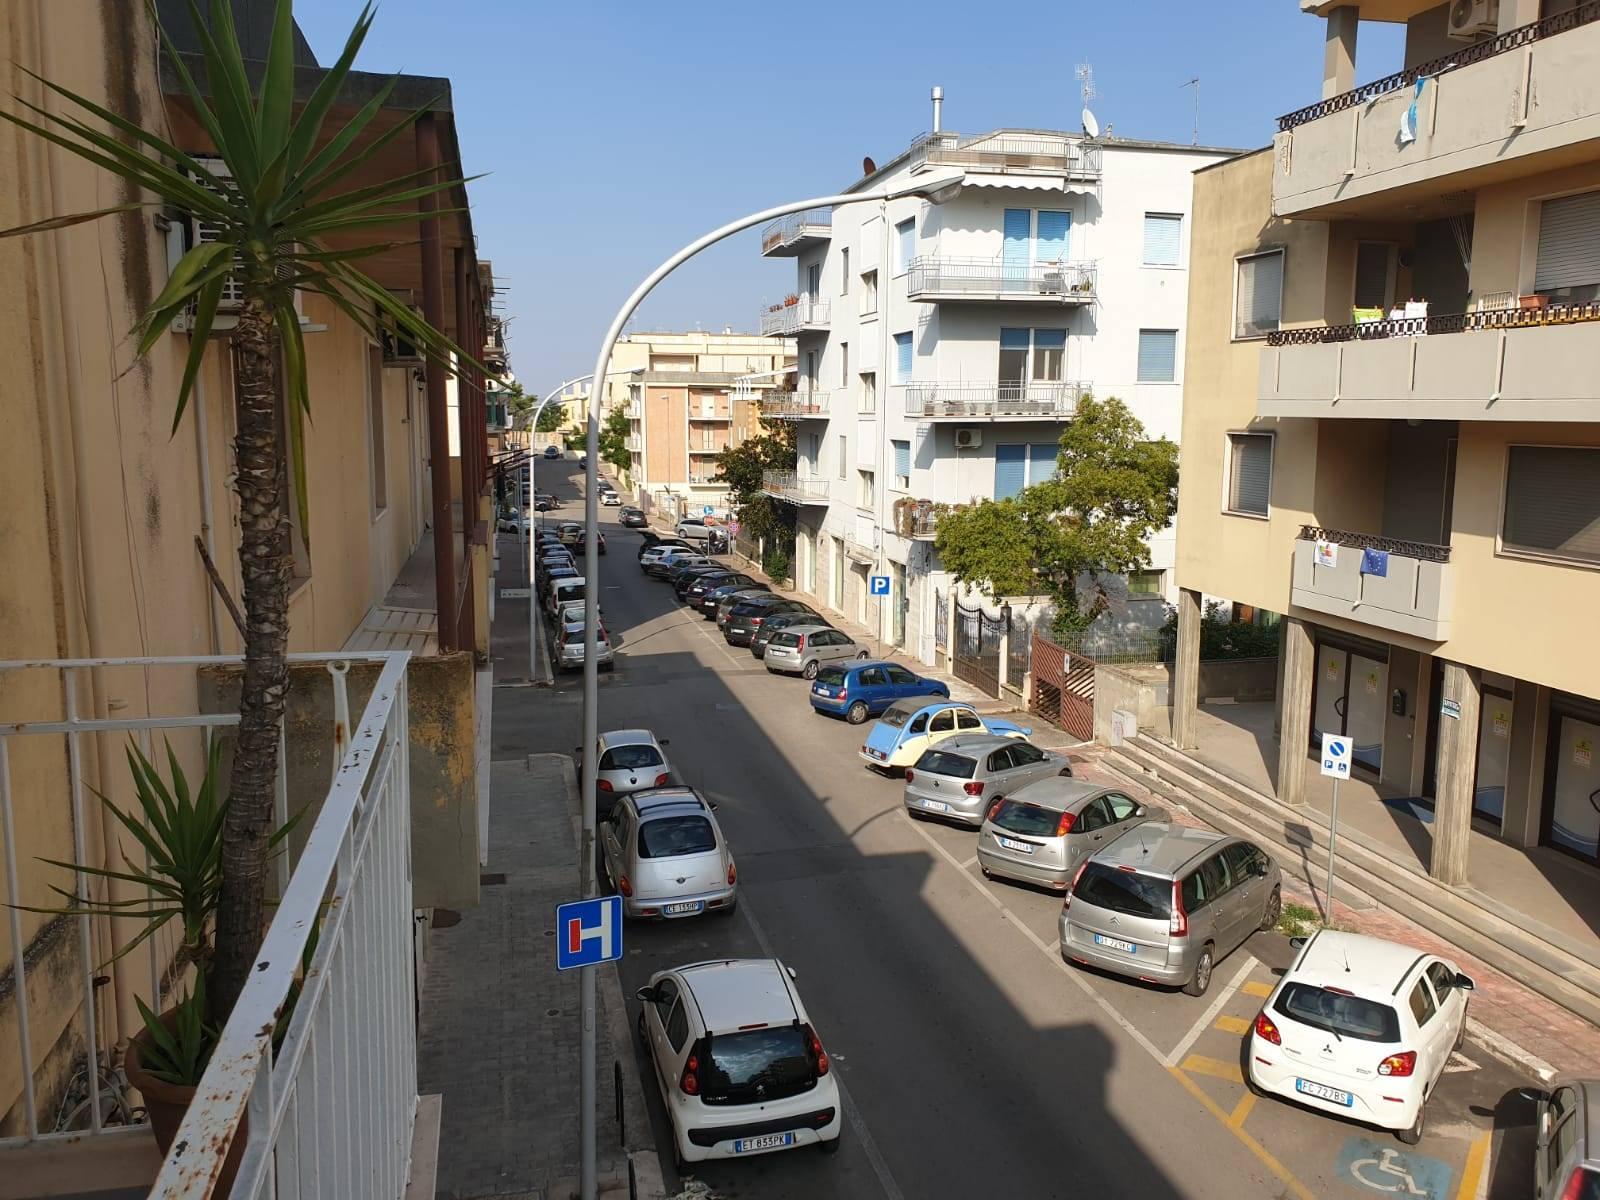 Appartamento in vendita a Matera, 4 locali, zona Zona: Centro direzionale, prezzo € 270.000 | CambioCasa.it